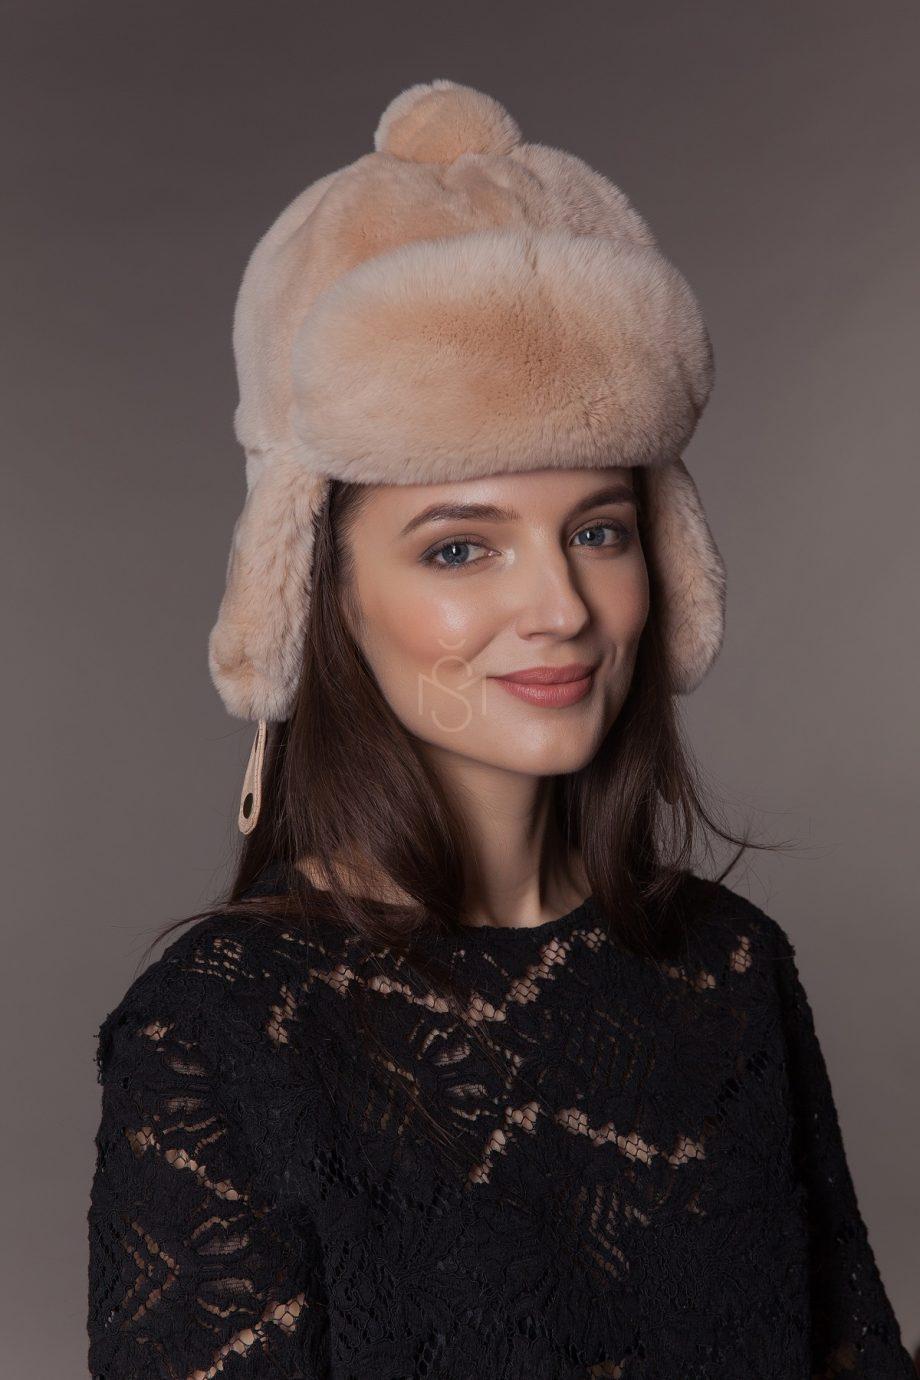 Детская шапка из меха рекса (шиншиллового кролика)